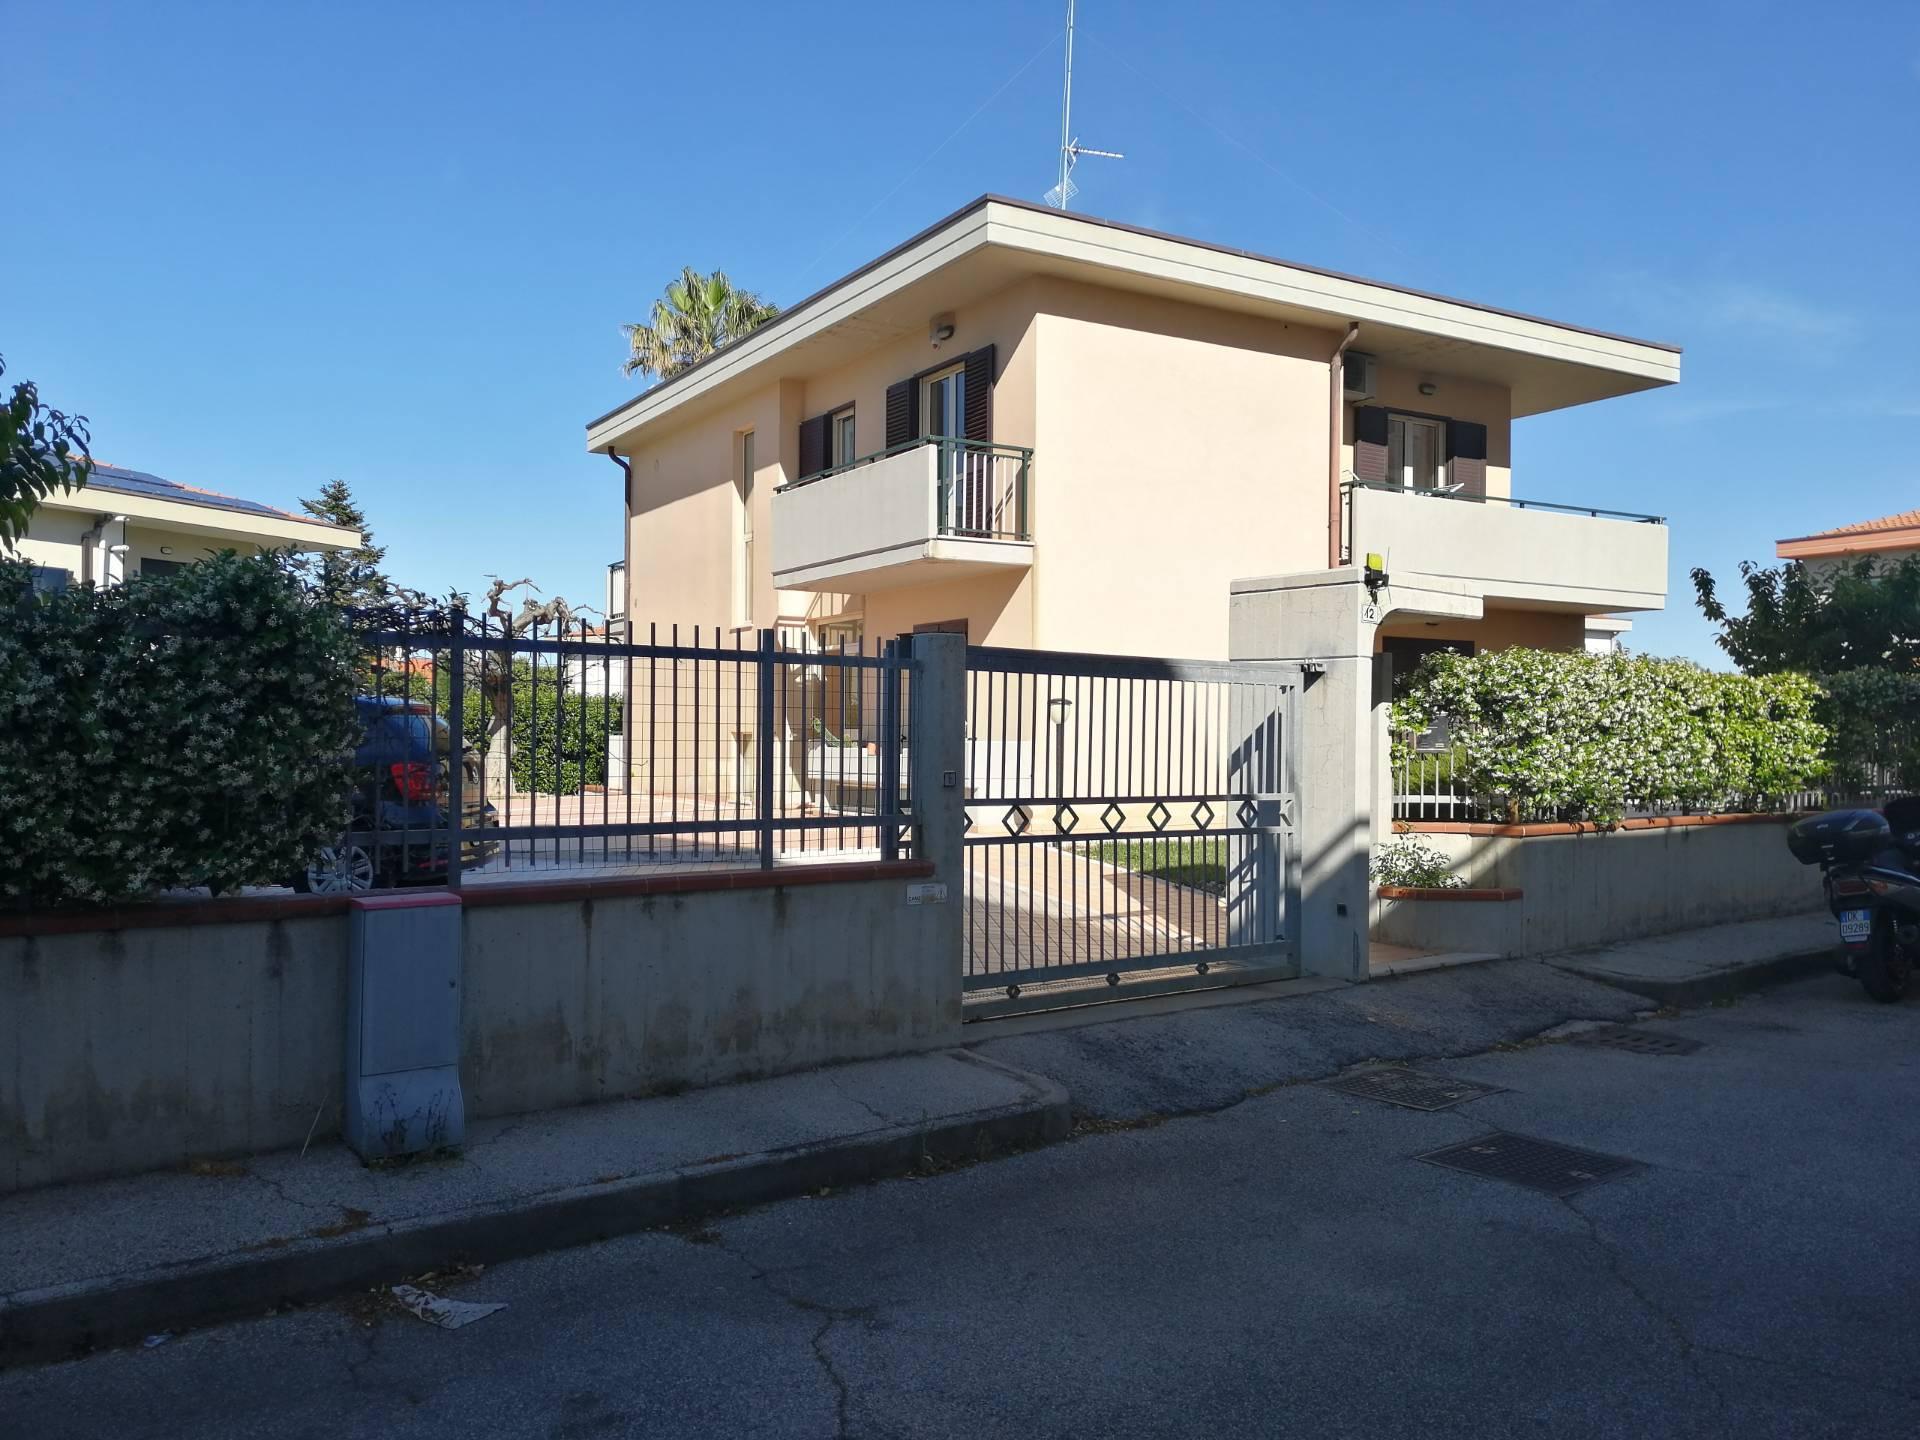 Villa in vendita a Termoli (CB)